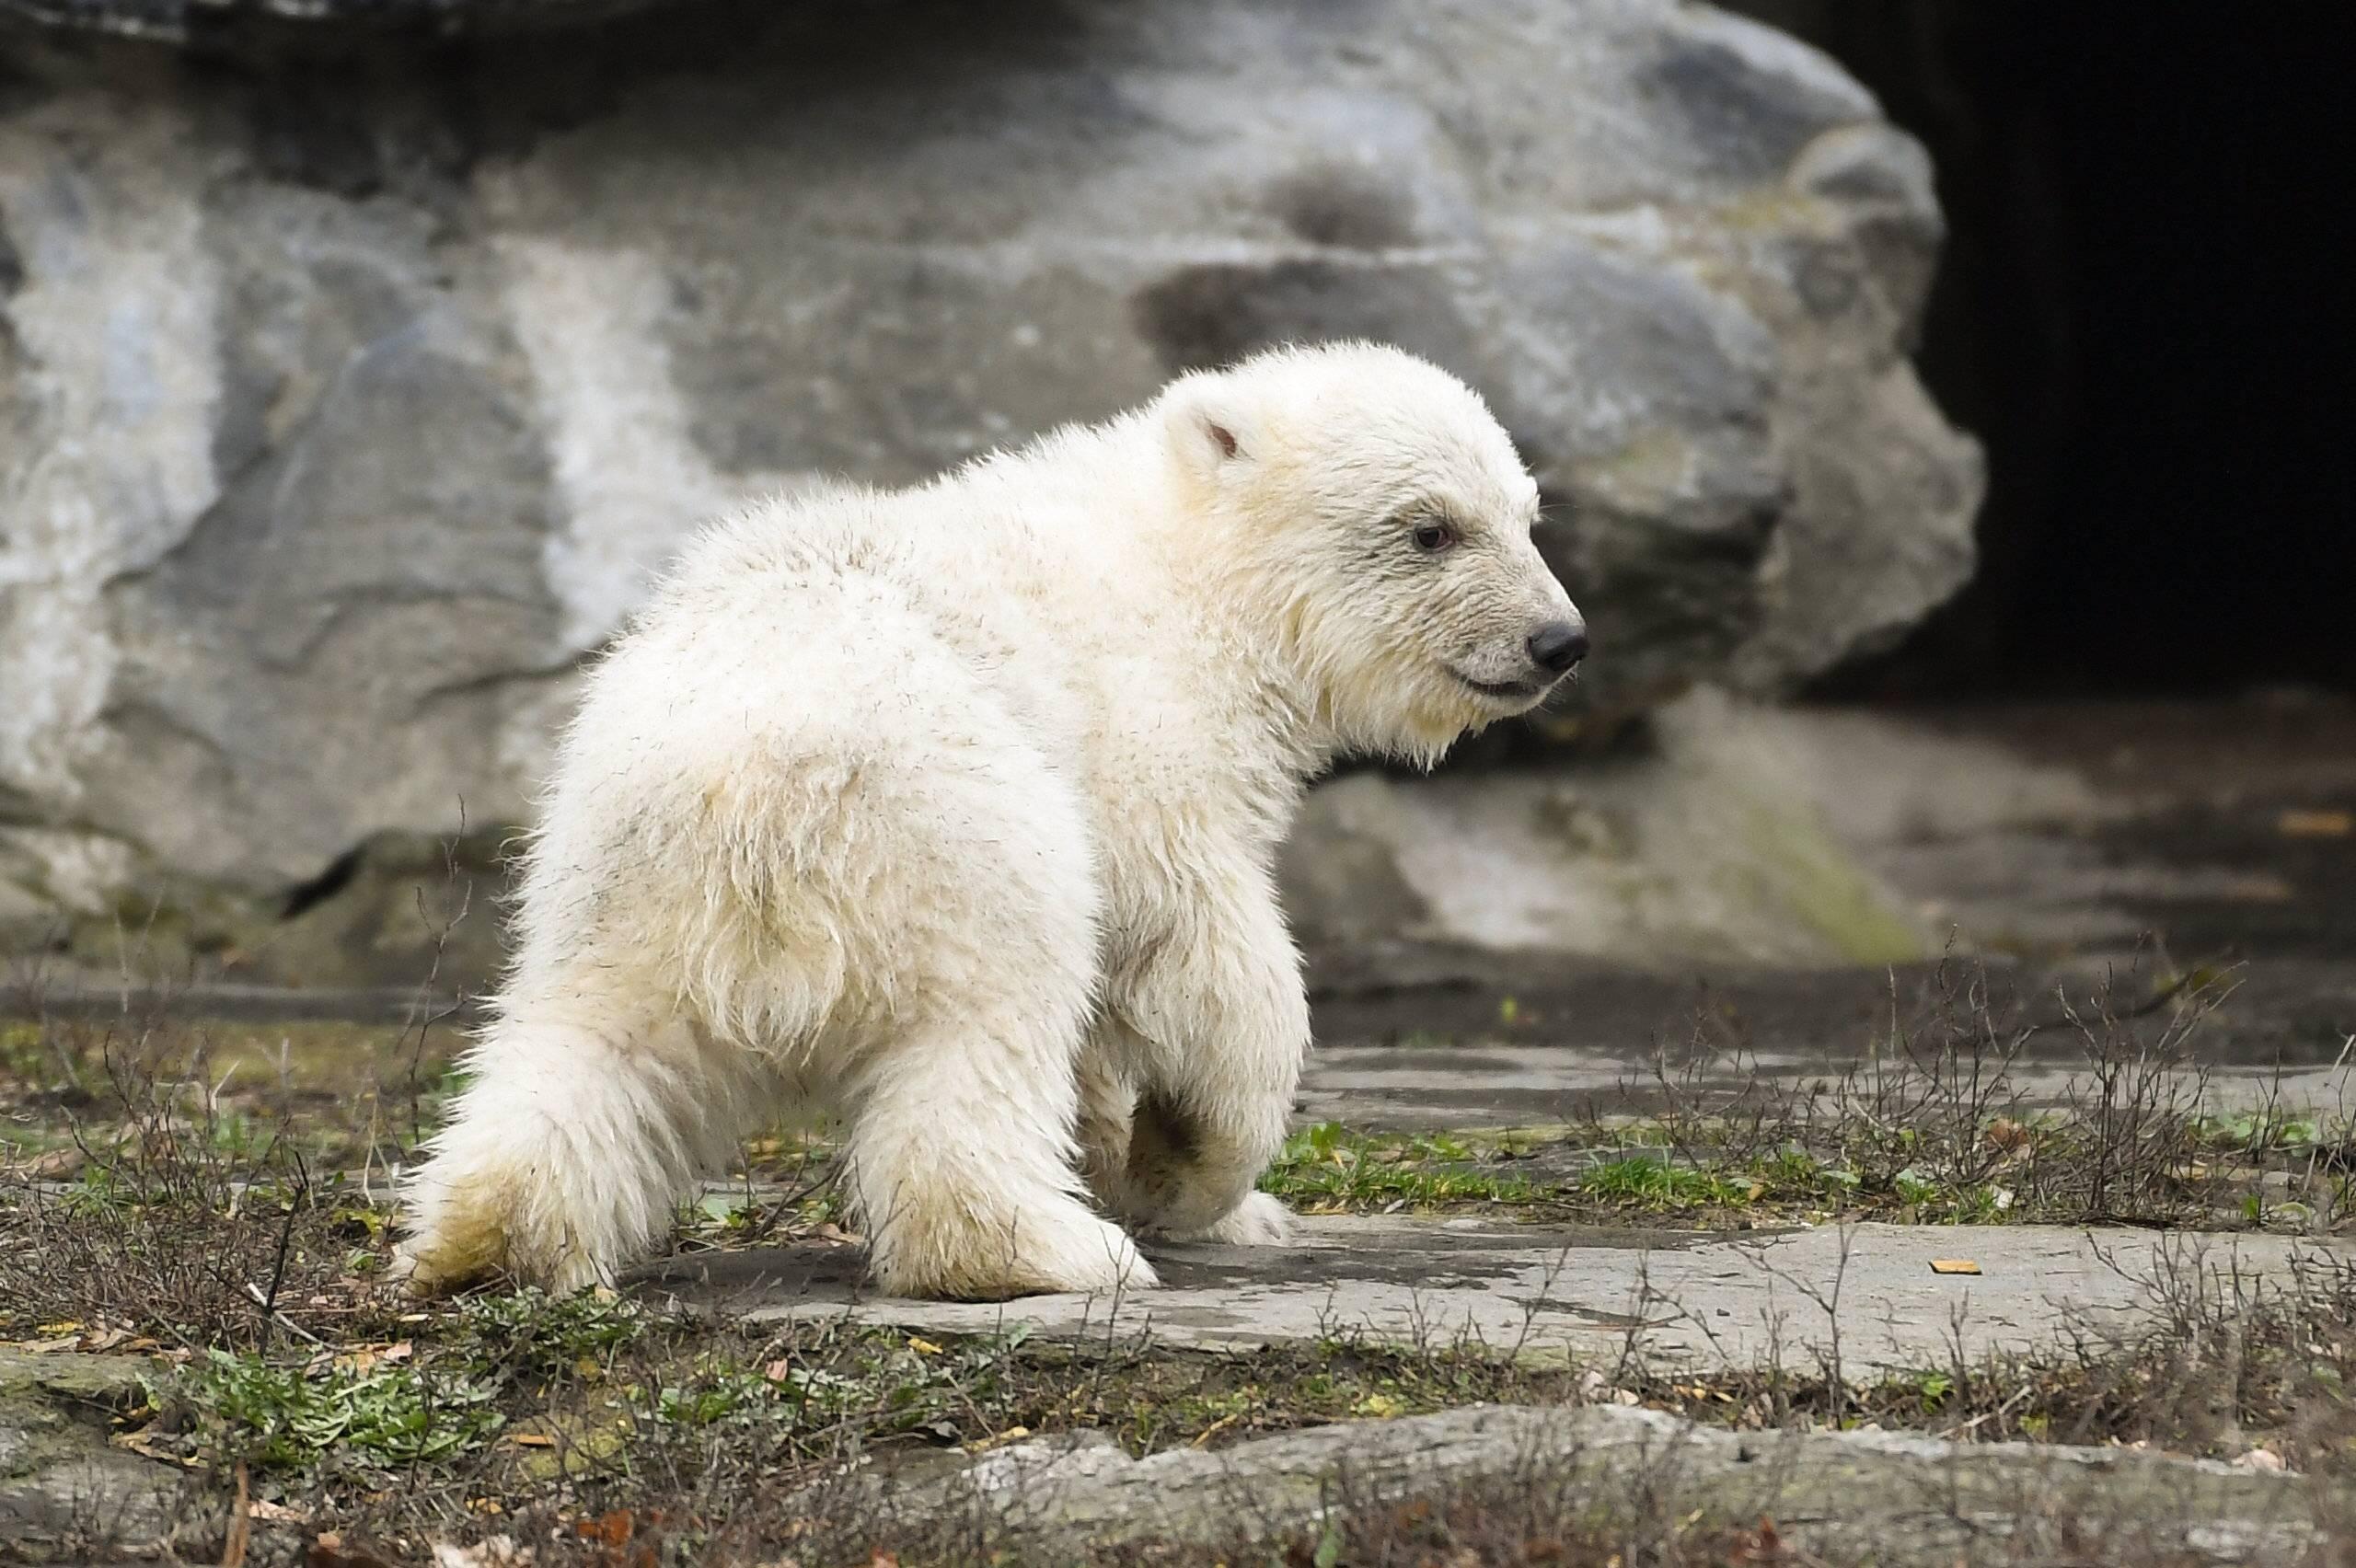 Tierpark Berlin Eisbär Baby Imunternimmt Seinen Ersten Ausflug